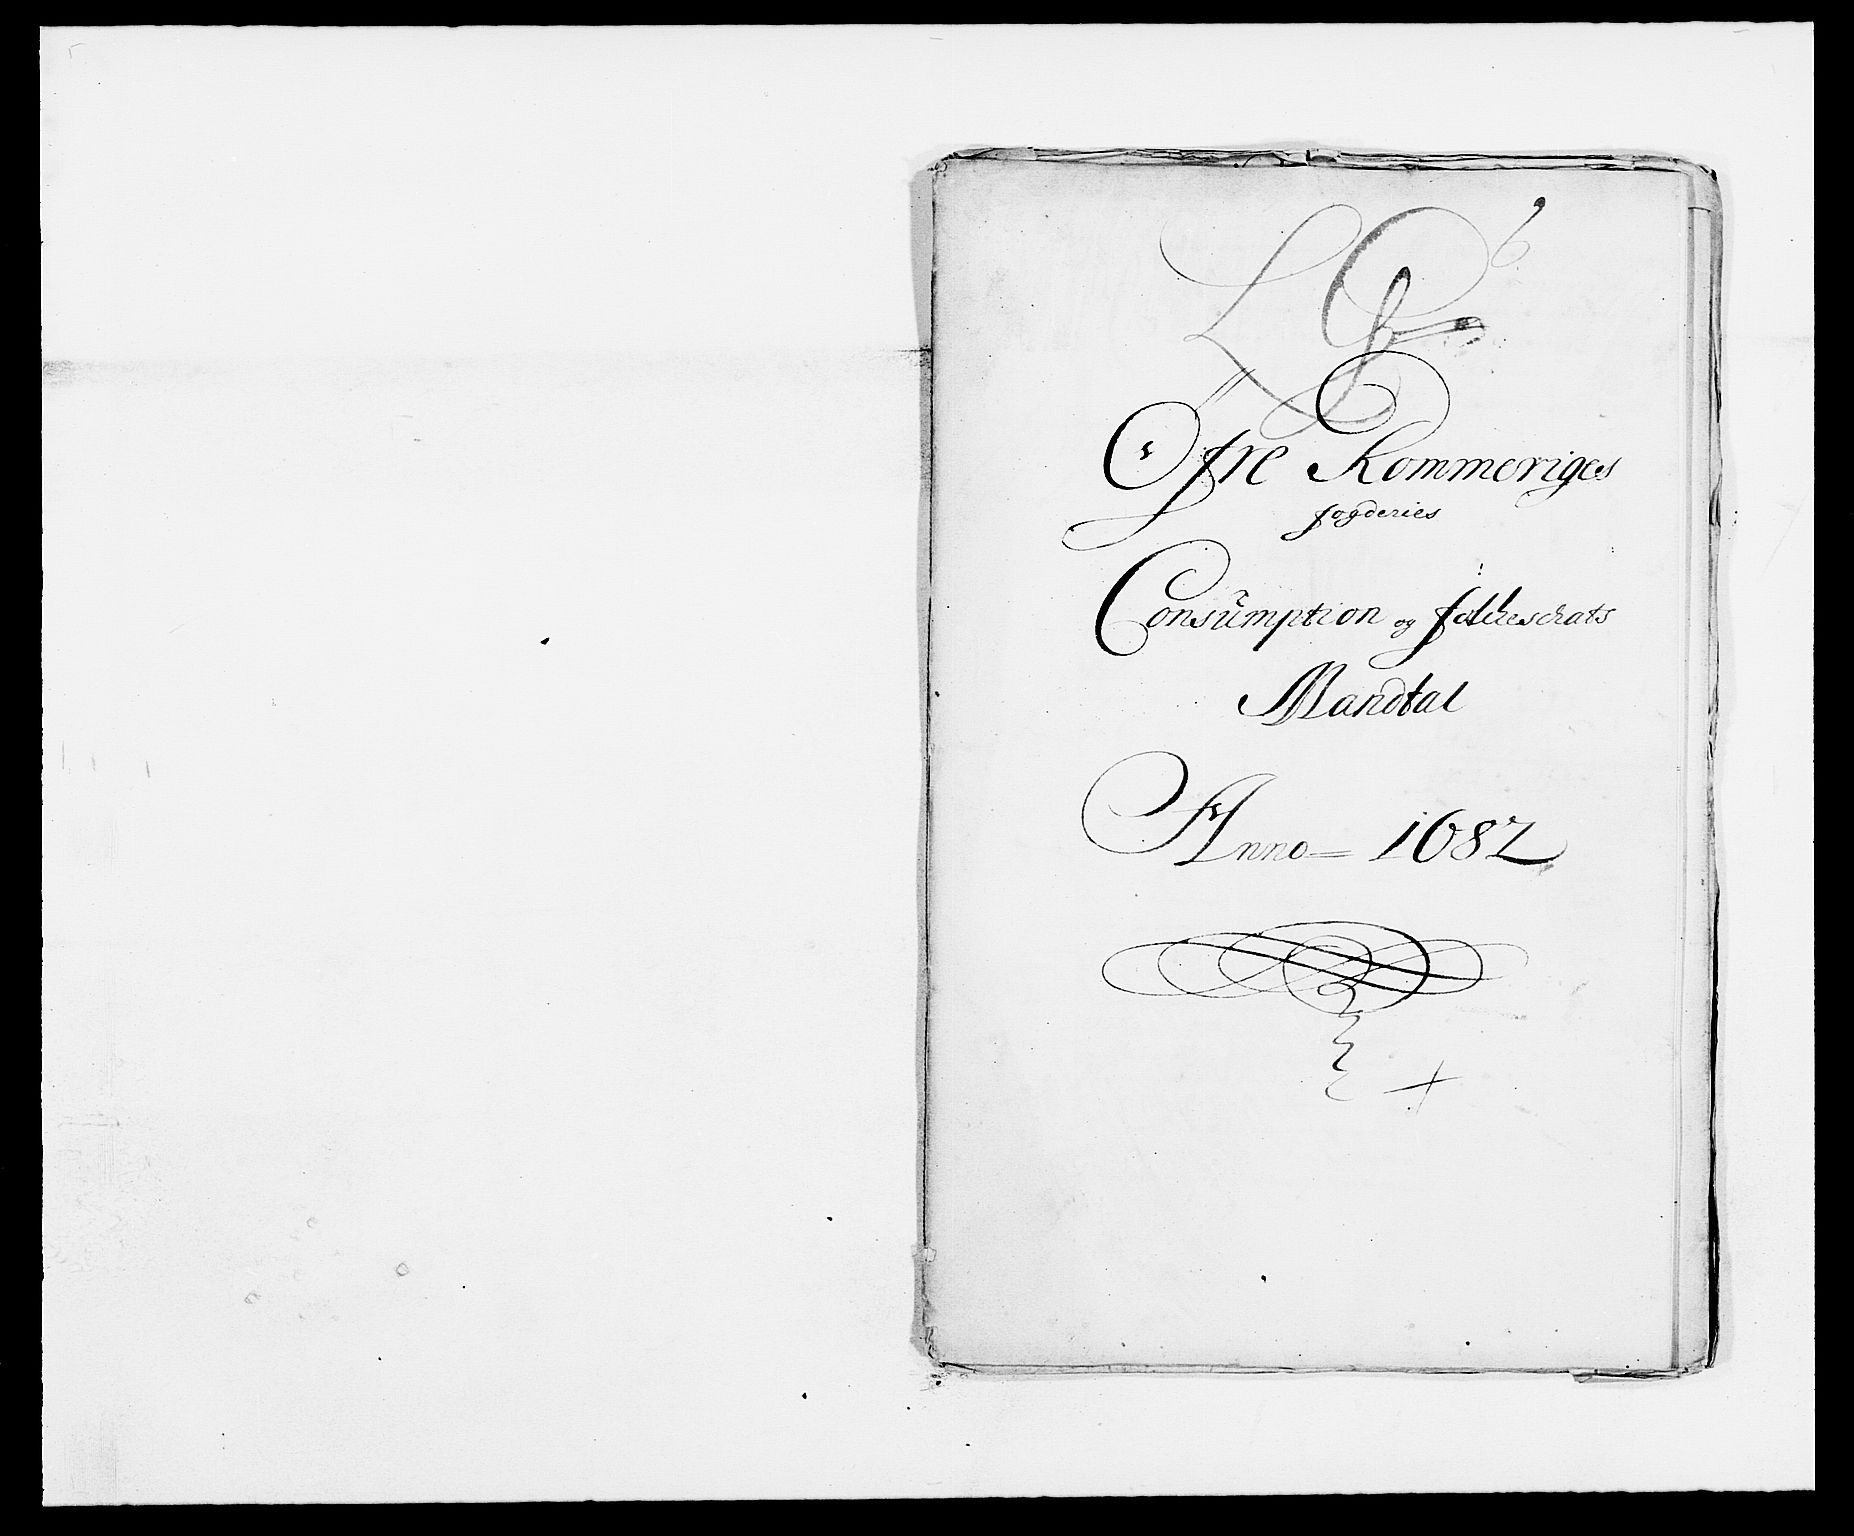 RA, Rentekammeret inntil 1814, Reviderte regnskaper, Fogderegnskap, R12/L0697: Fogderegnskap Øvre Romerike, 1682-1683, s. 201